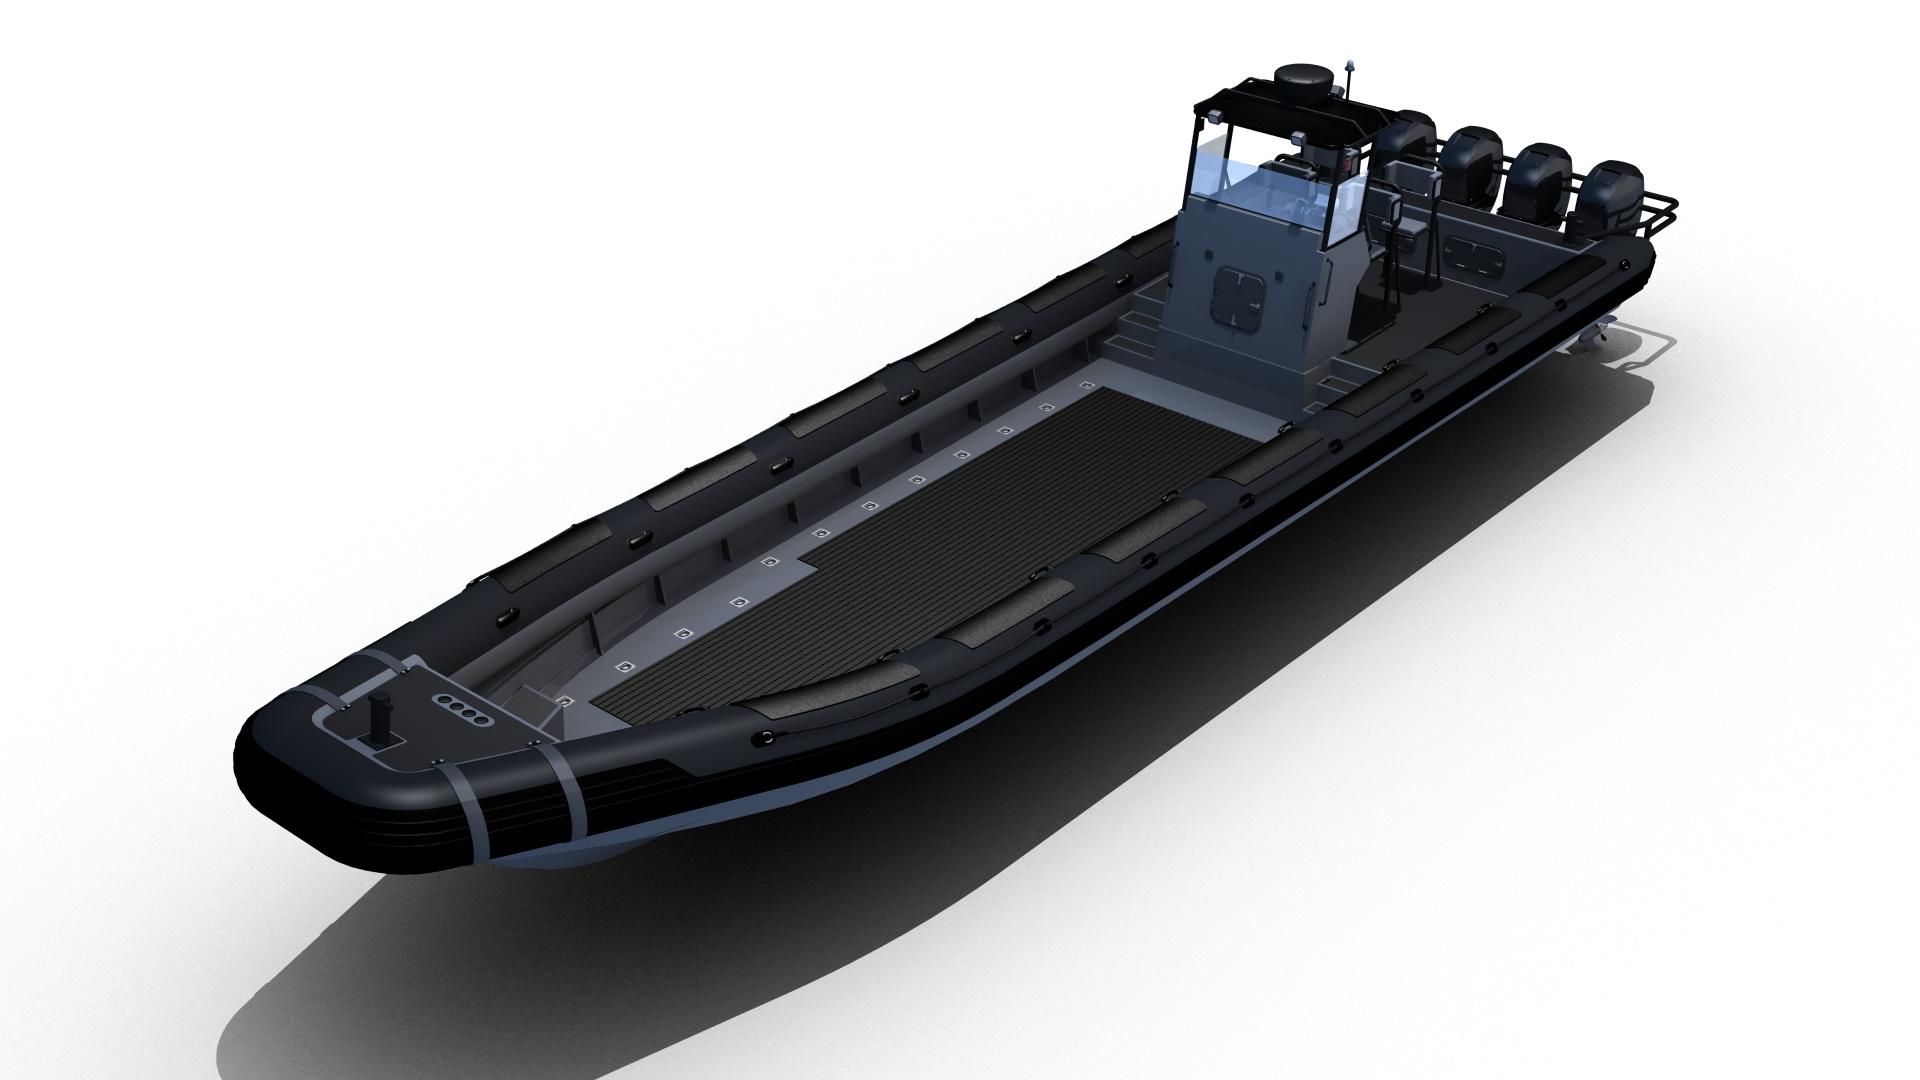 http://www.m-ribs.eu/wp-content/uploads/MRC1500-Cargo-4x-aanzicht2-720x340.jpg